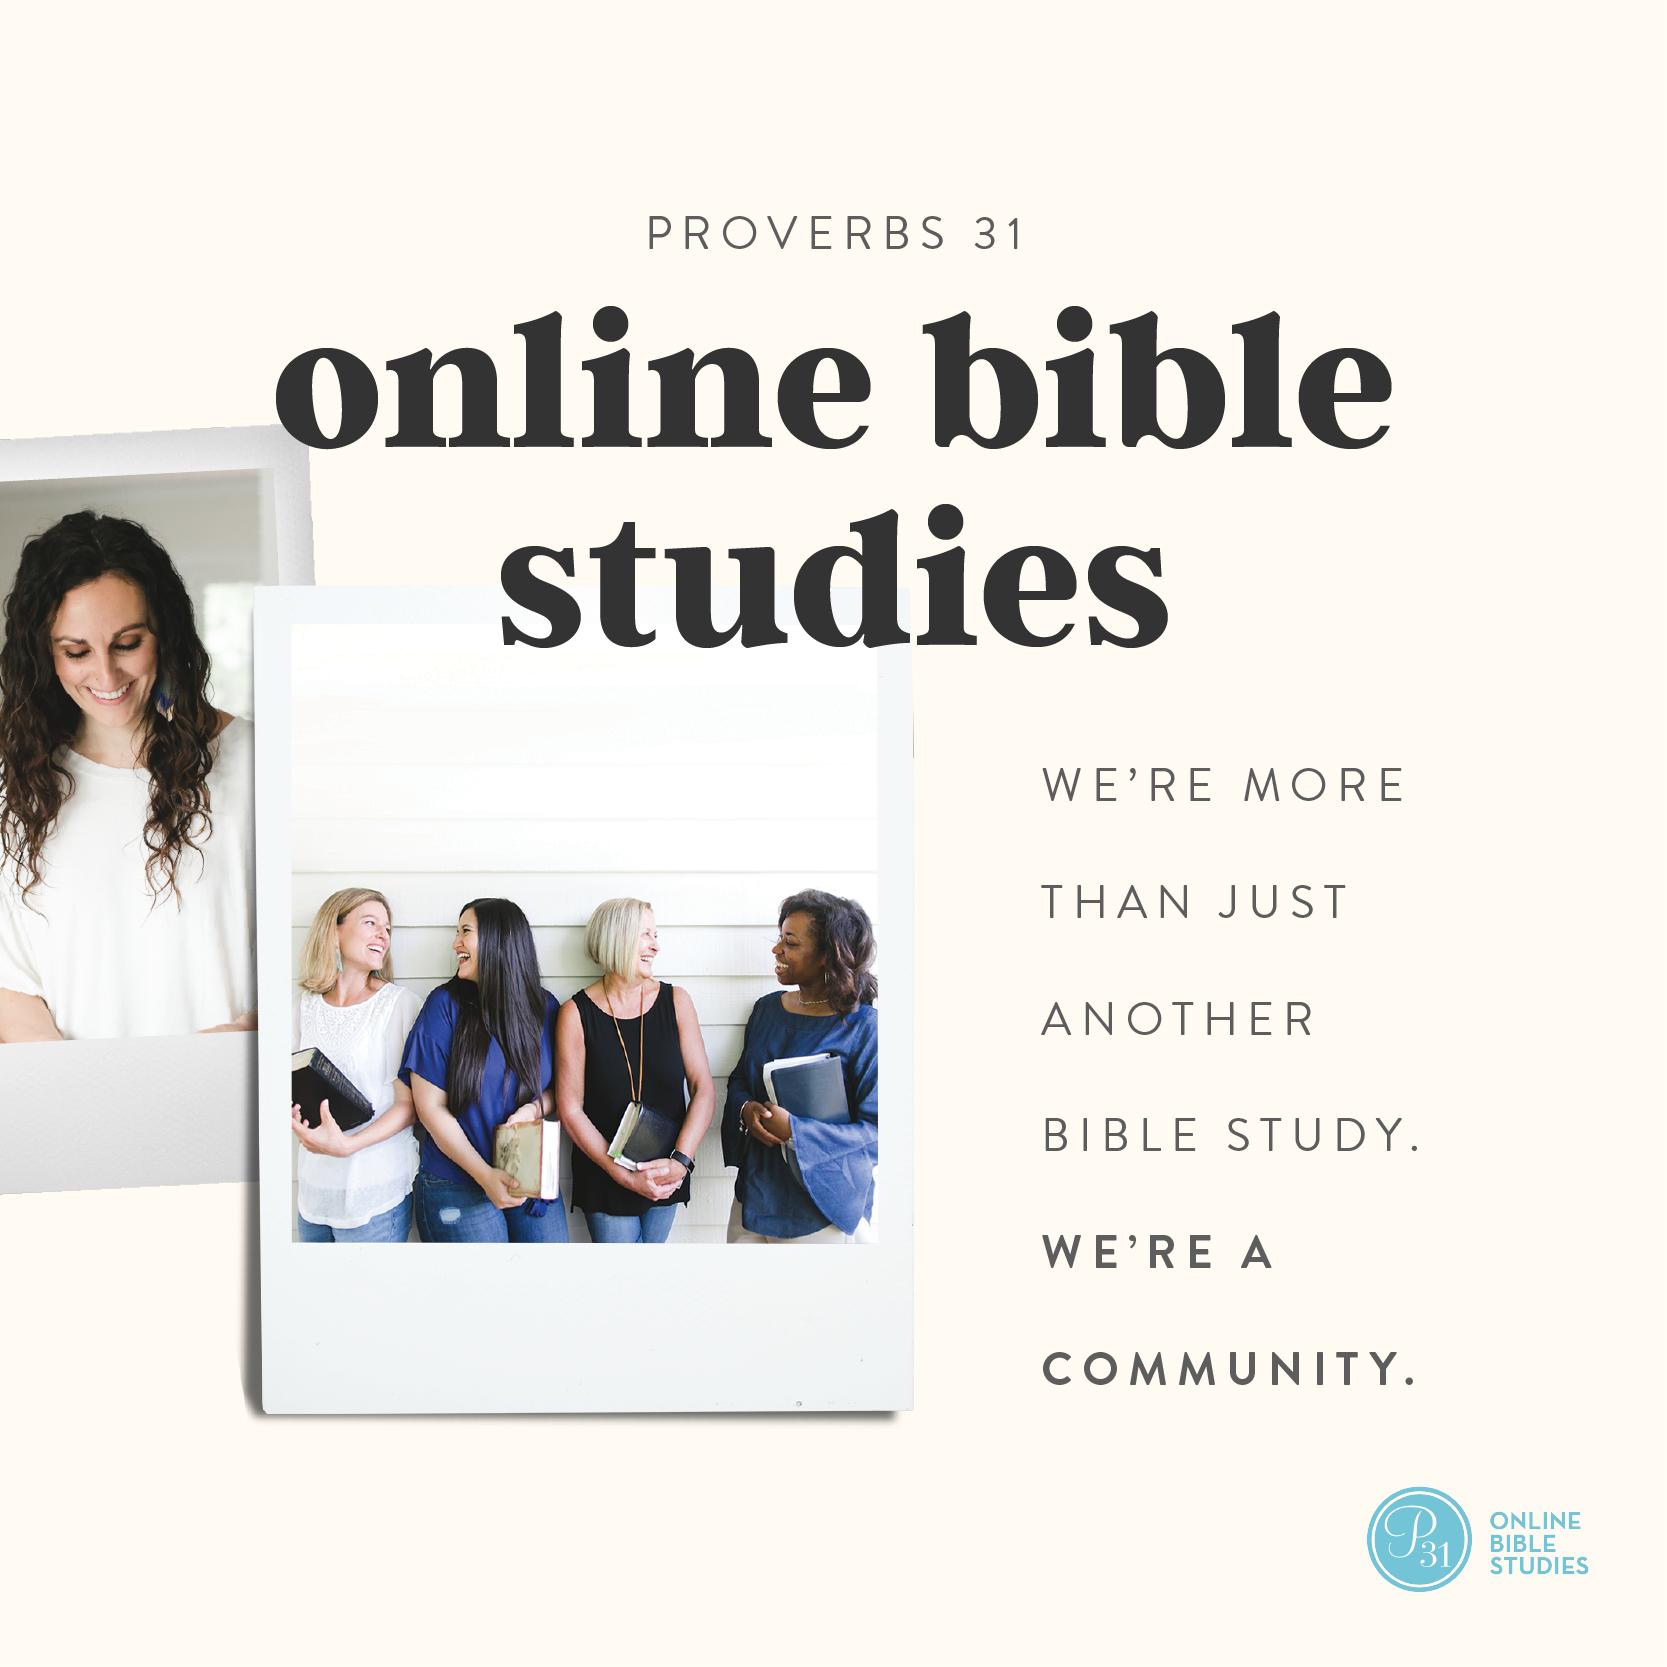 2019_OBS_CommunitySquare-01